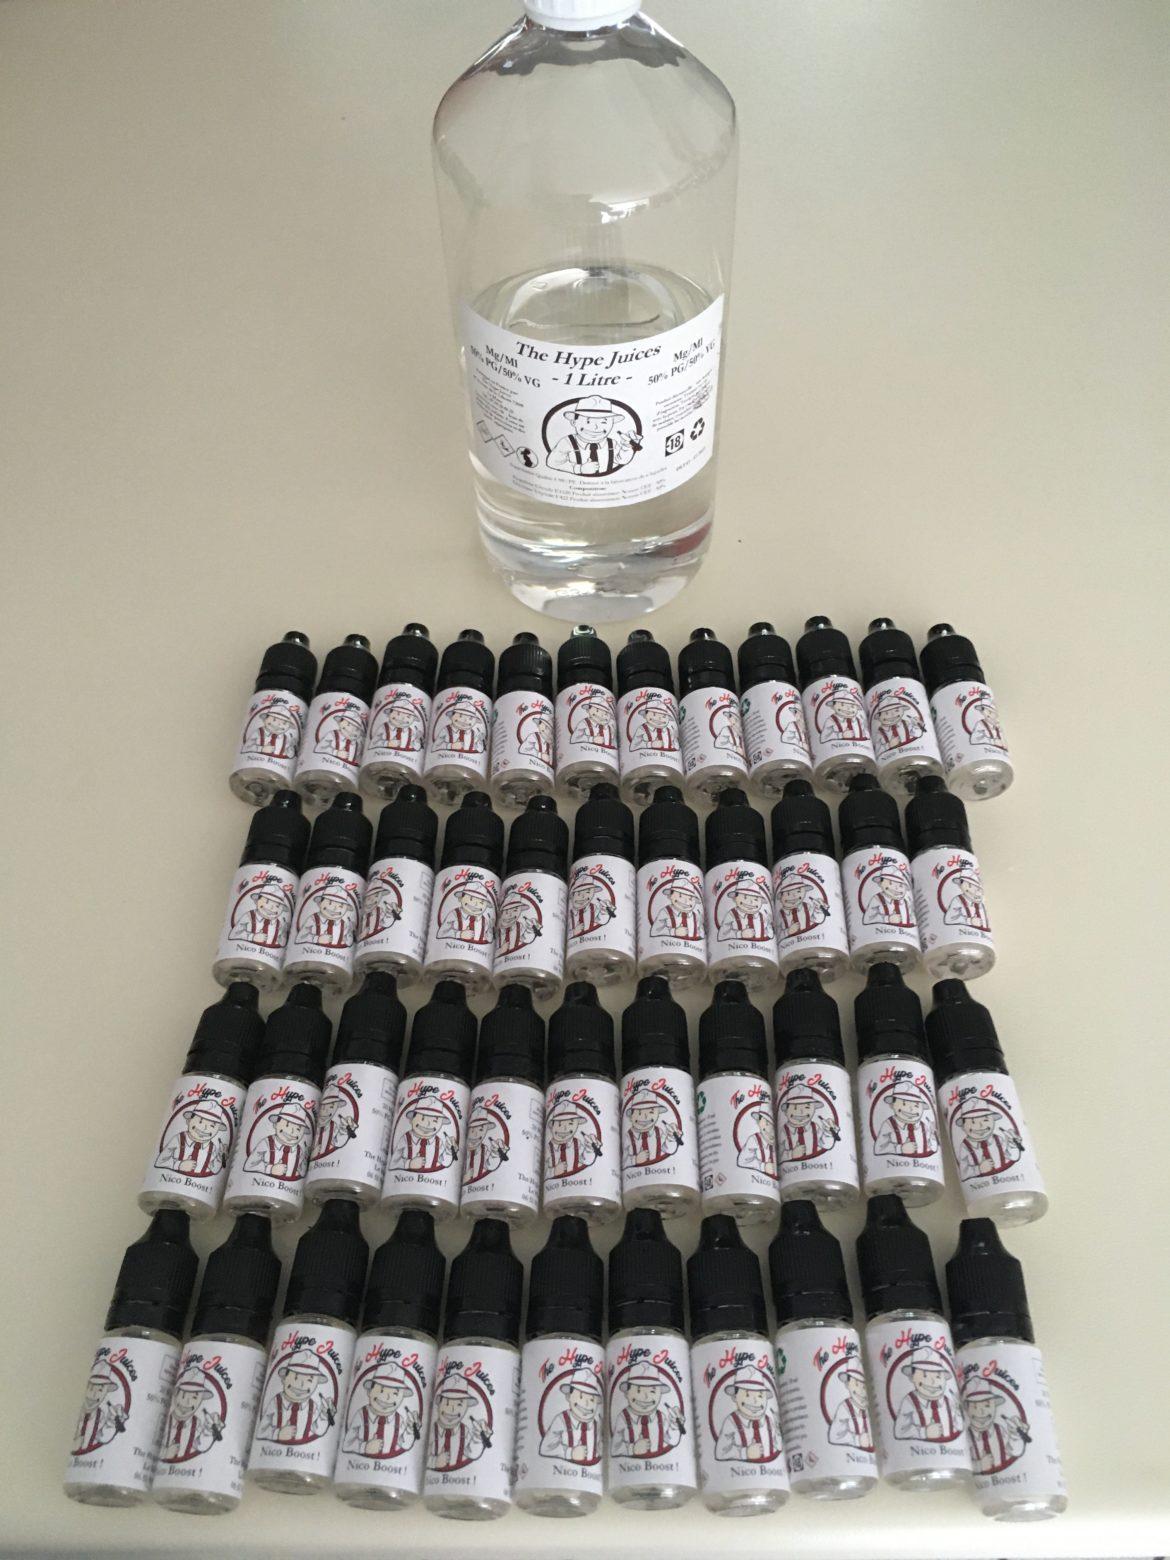 Un grand flacon de base pour e-liquides entouré d'une quantité impressionnante de petits flacons de boosters nicotinés